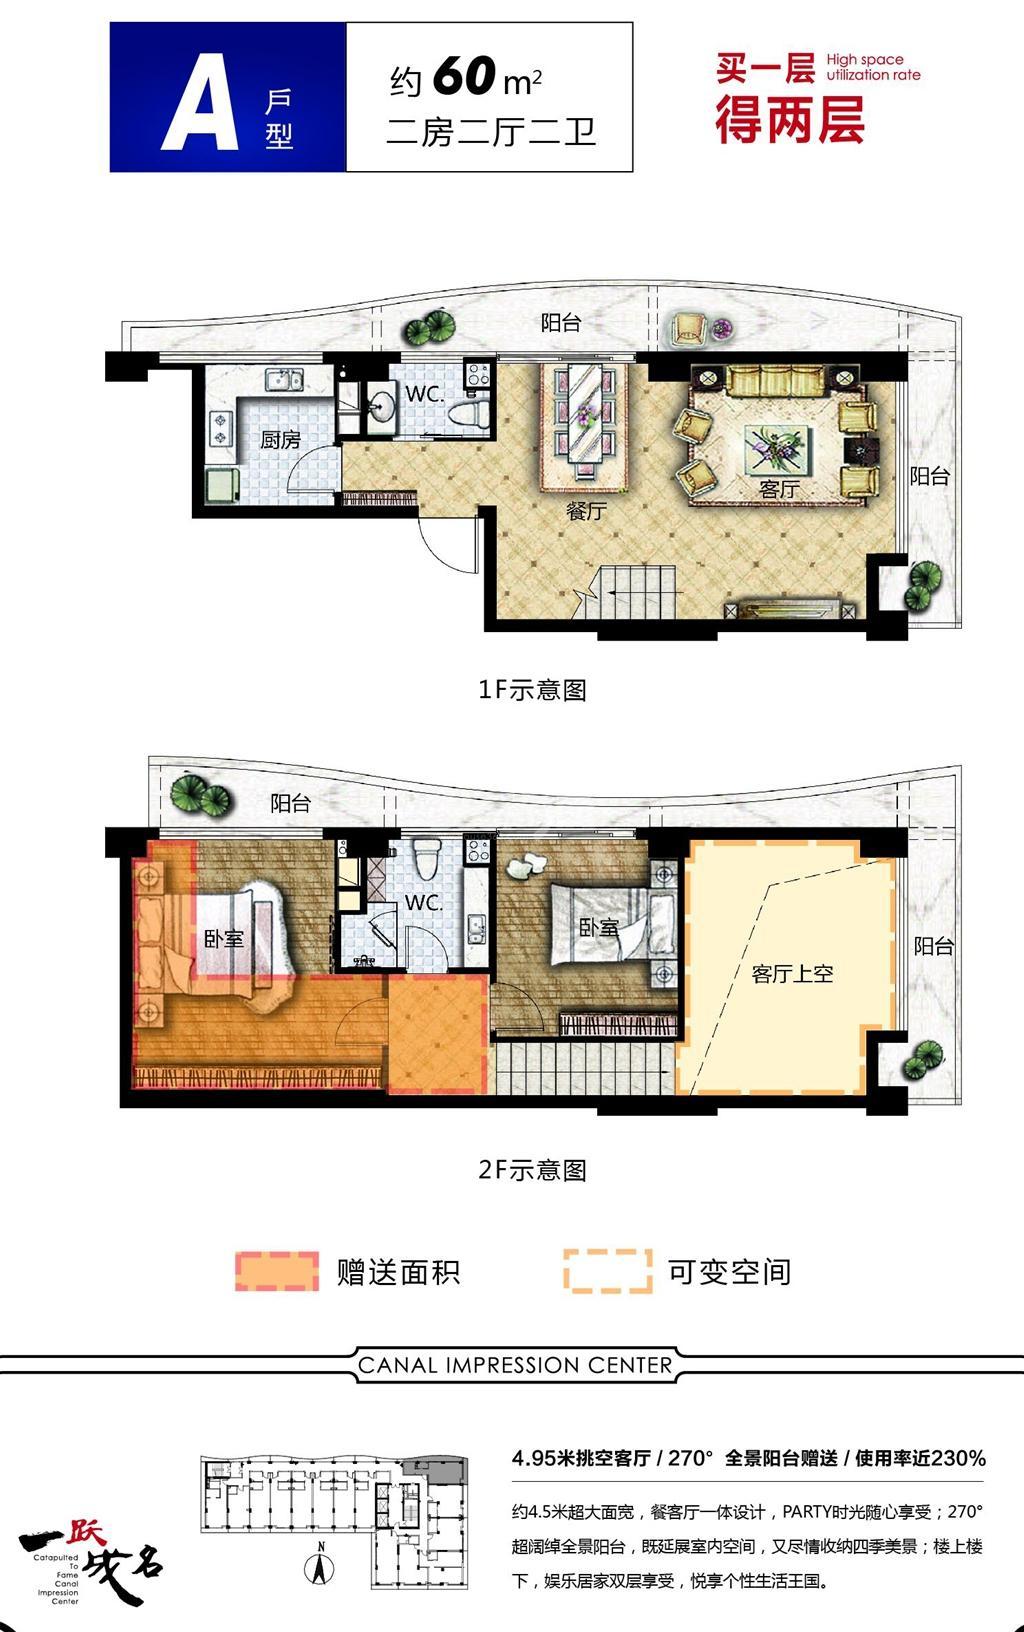 迪凯运河印象LOFT A户型60平(1号楼)